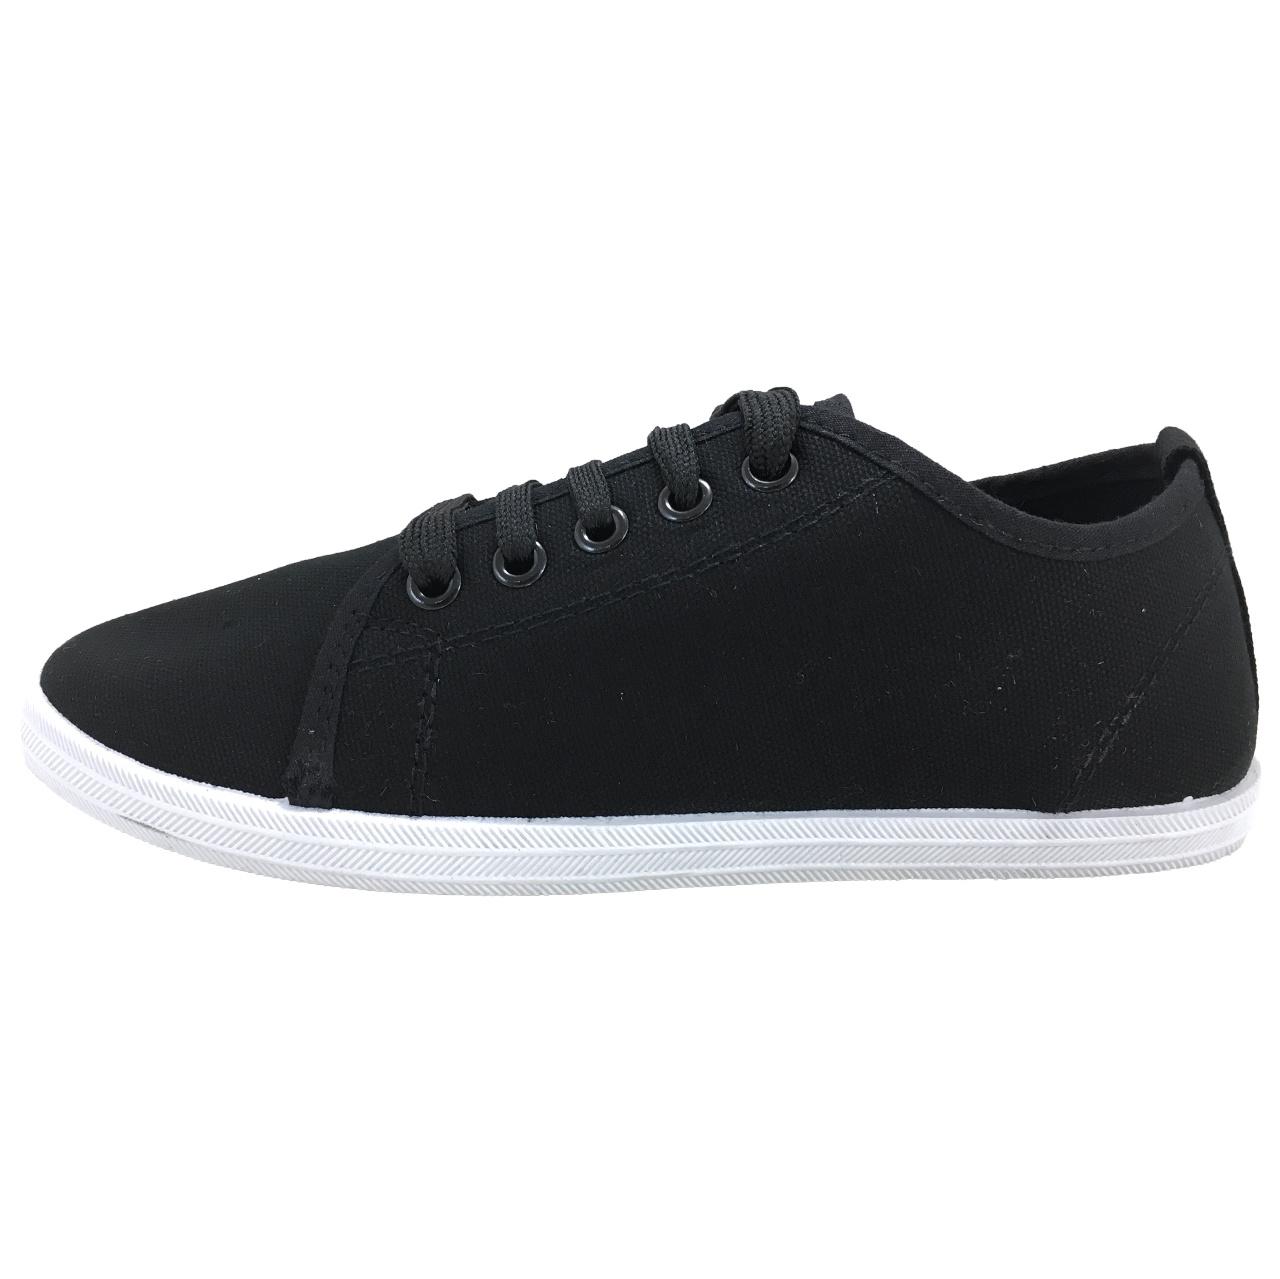 کفش راحتی زنانه نسیم مدل پاییزان کد 2822              خرید